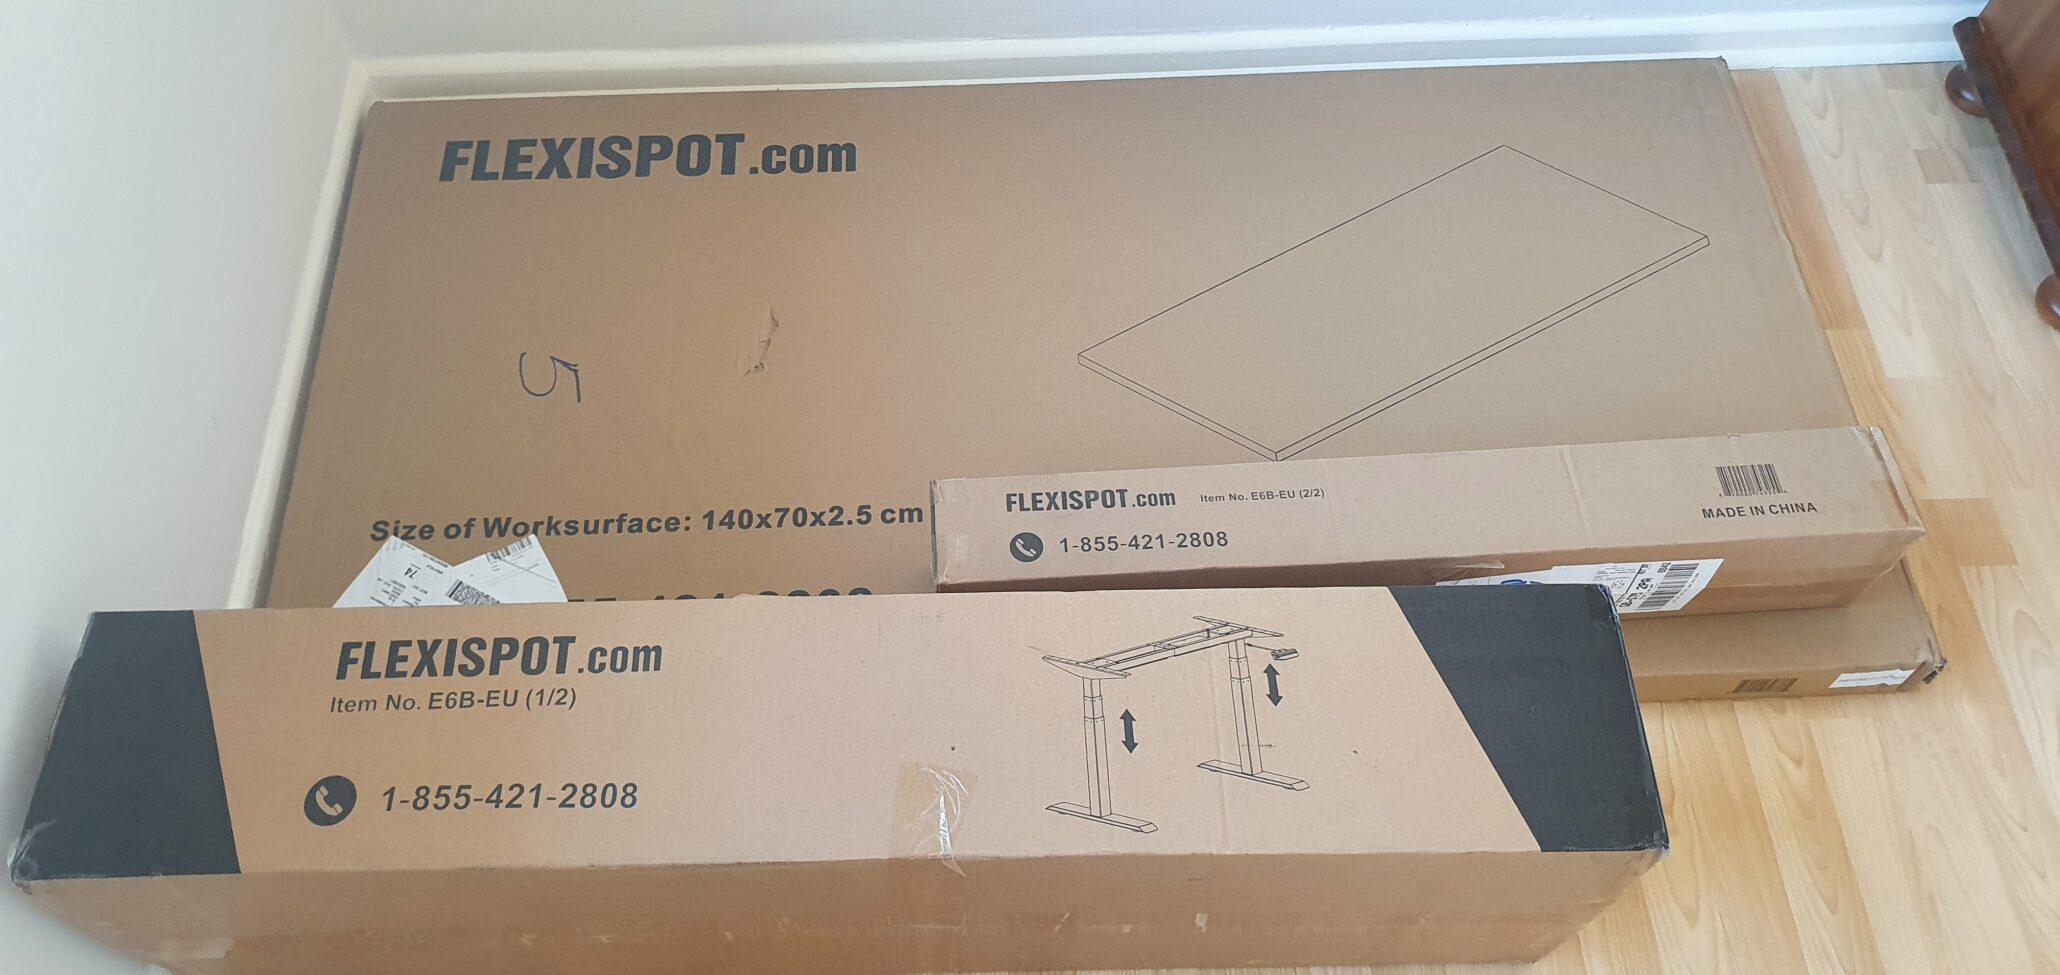 flexispot-e6-review-04-packaging-01